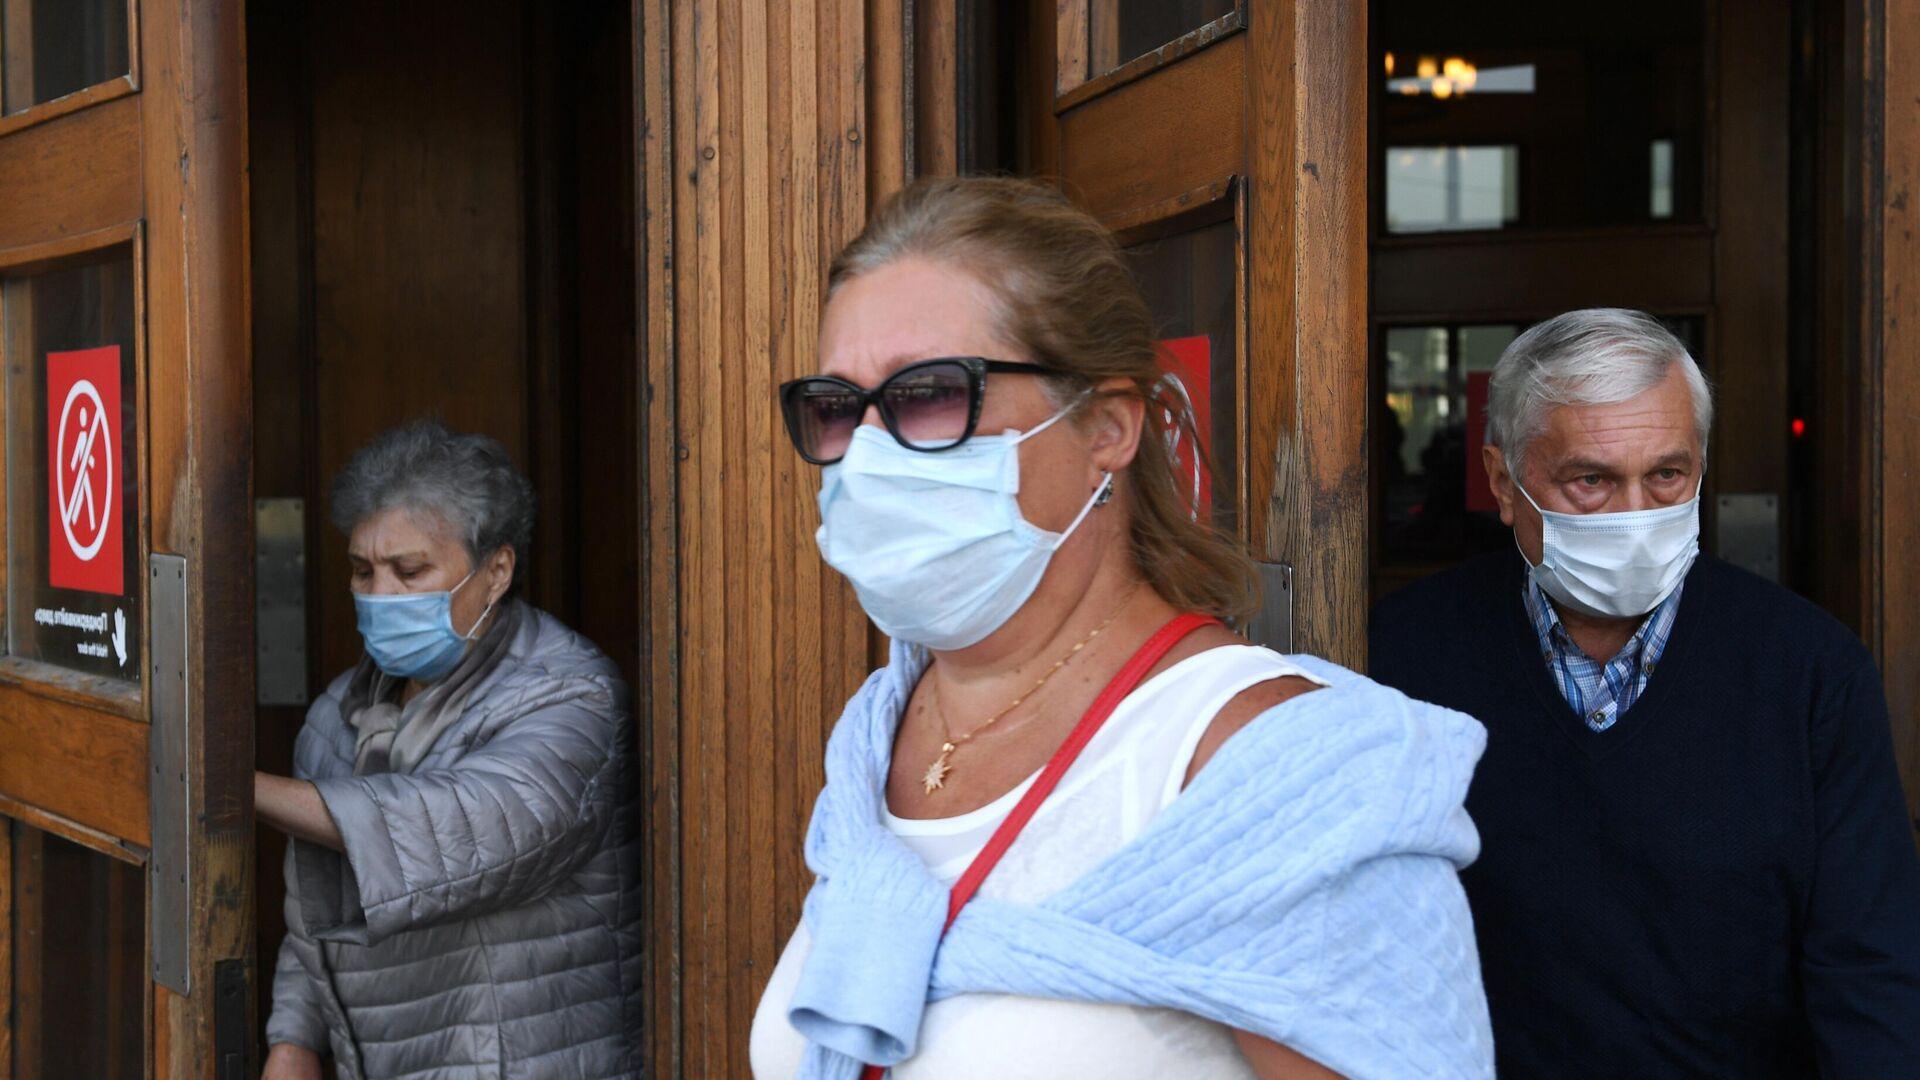 Пассажиры в медицинских масках выходят из вестибюля станции метро Парк культуры в Москве - РИА Новости, 1920, 14.10.2020